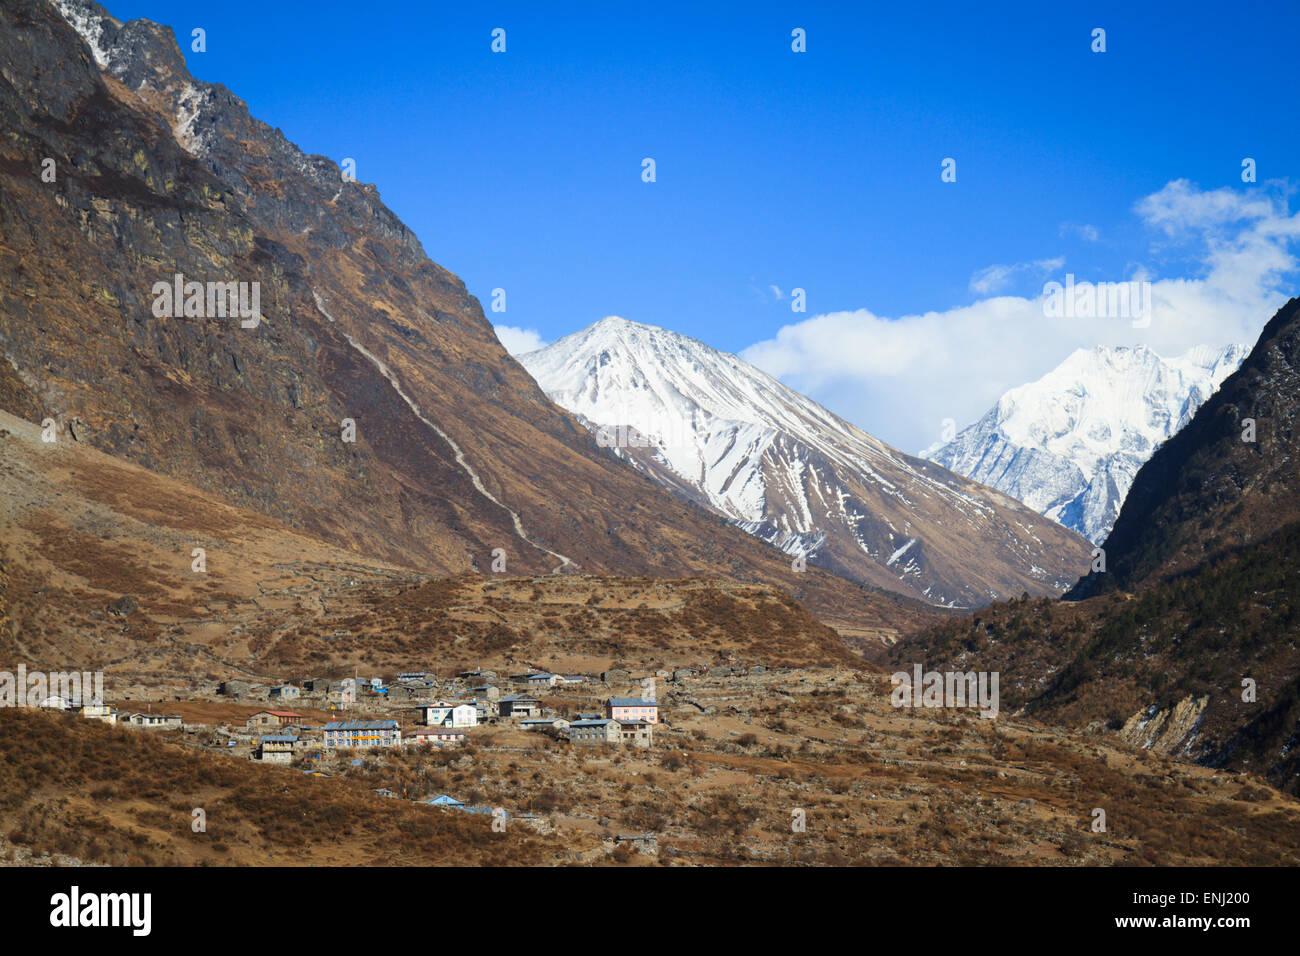 Altitudine elevata scenario della valle e vista sul villaggio Langtang da vicino Chyamki, Langtang, Nepal Foto Stock